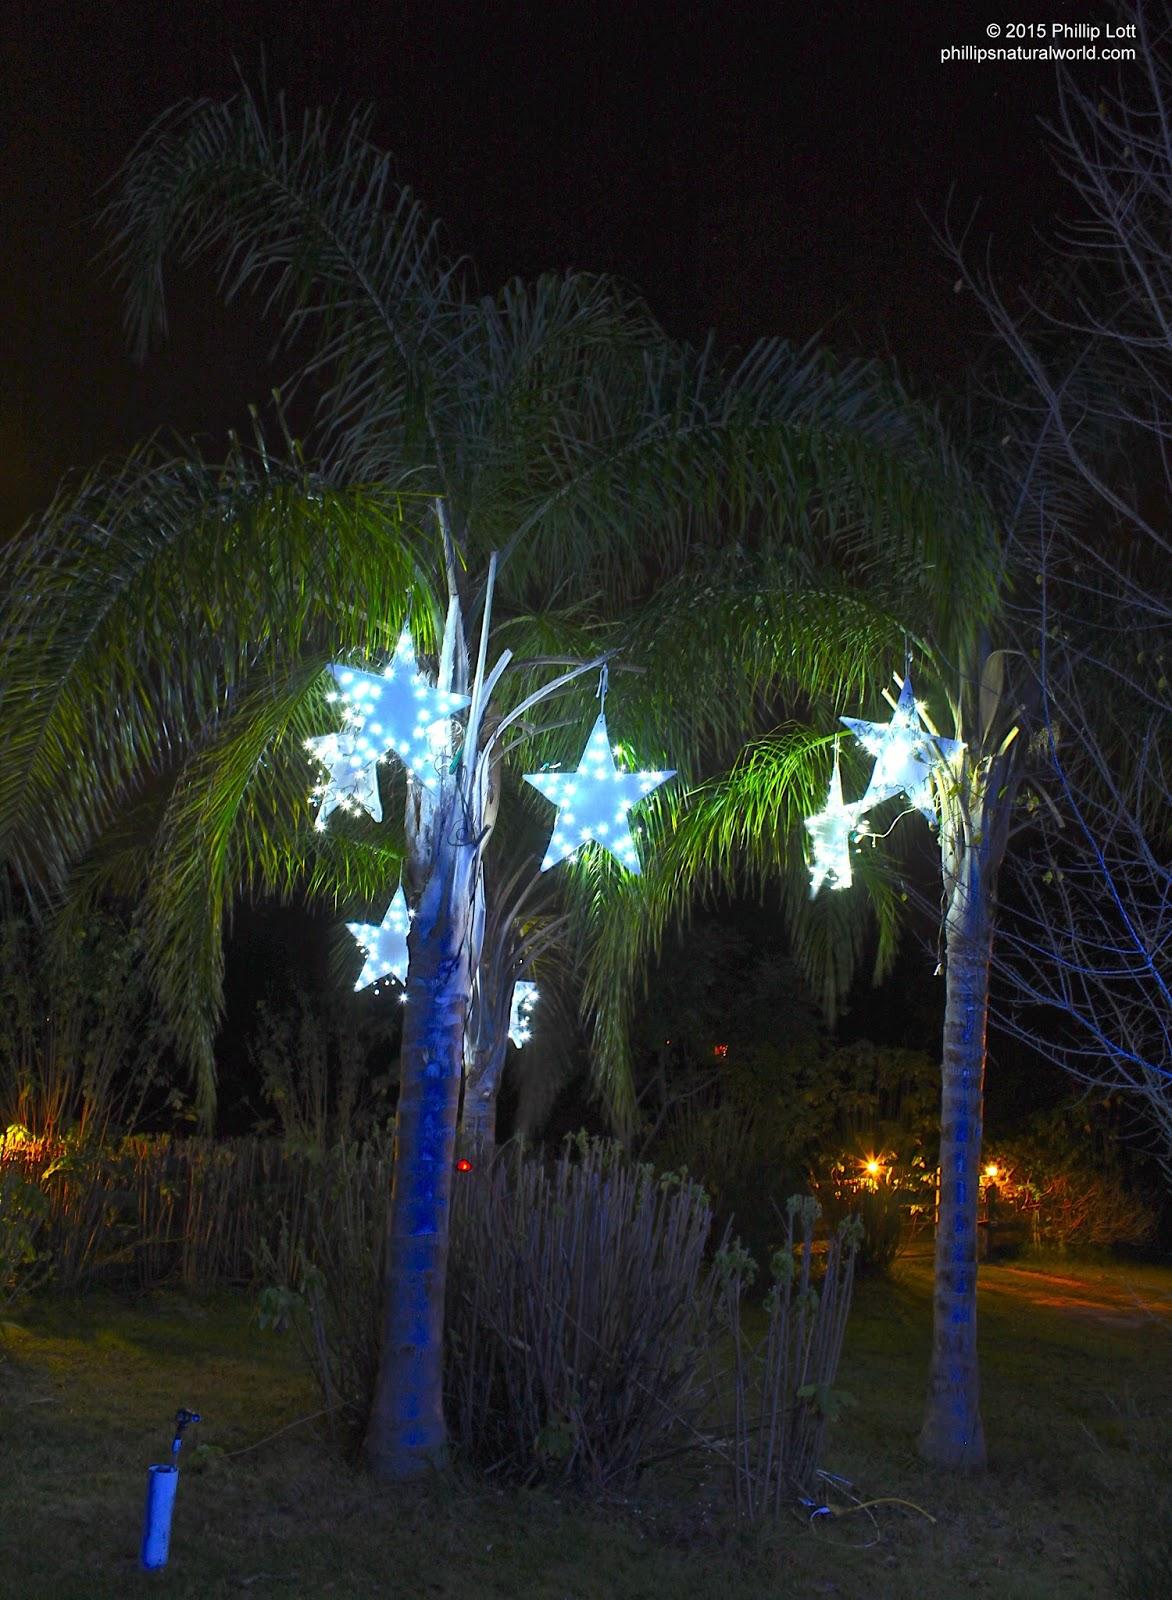 florida christmas palm trees - Florida Christmas